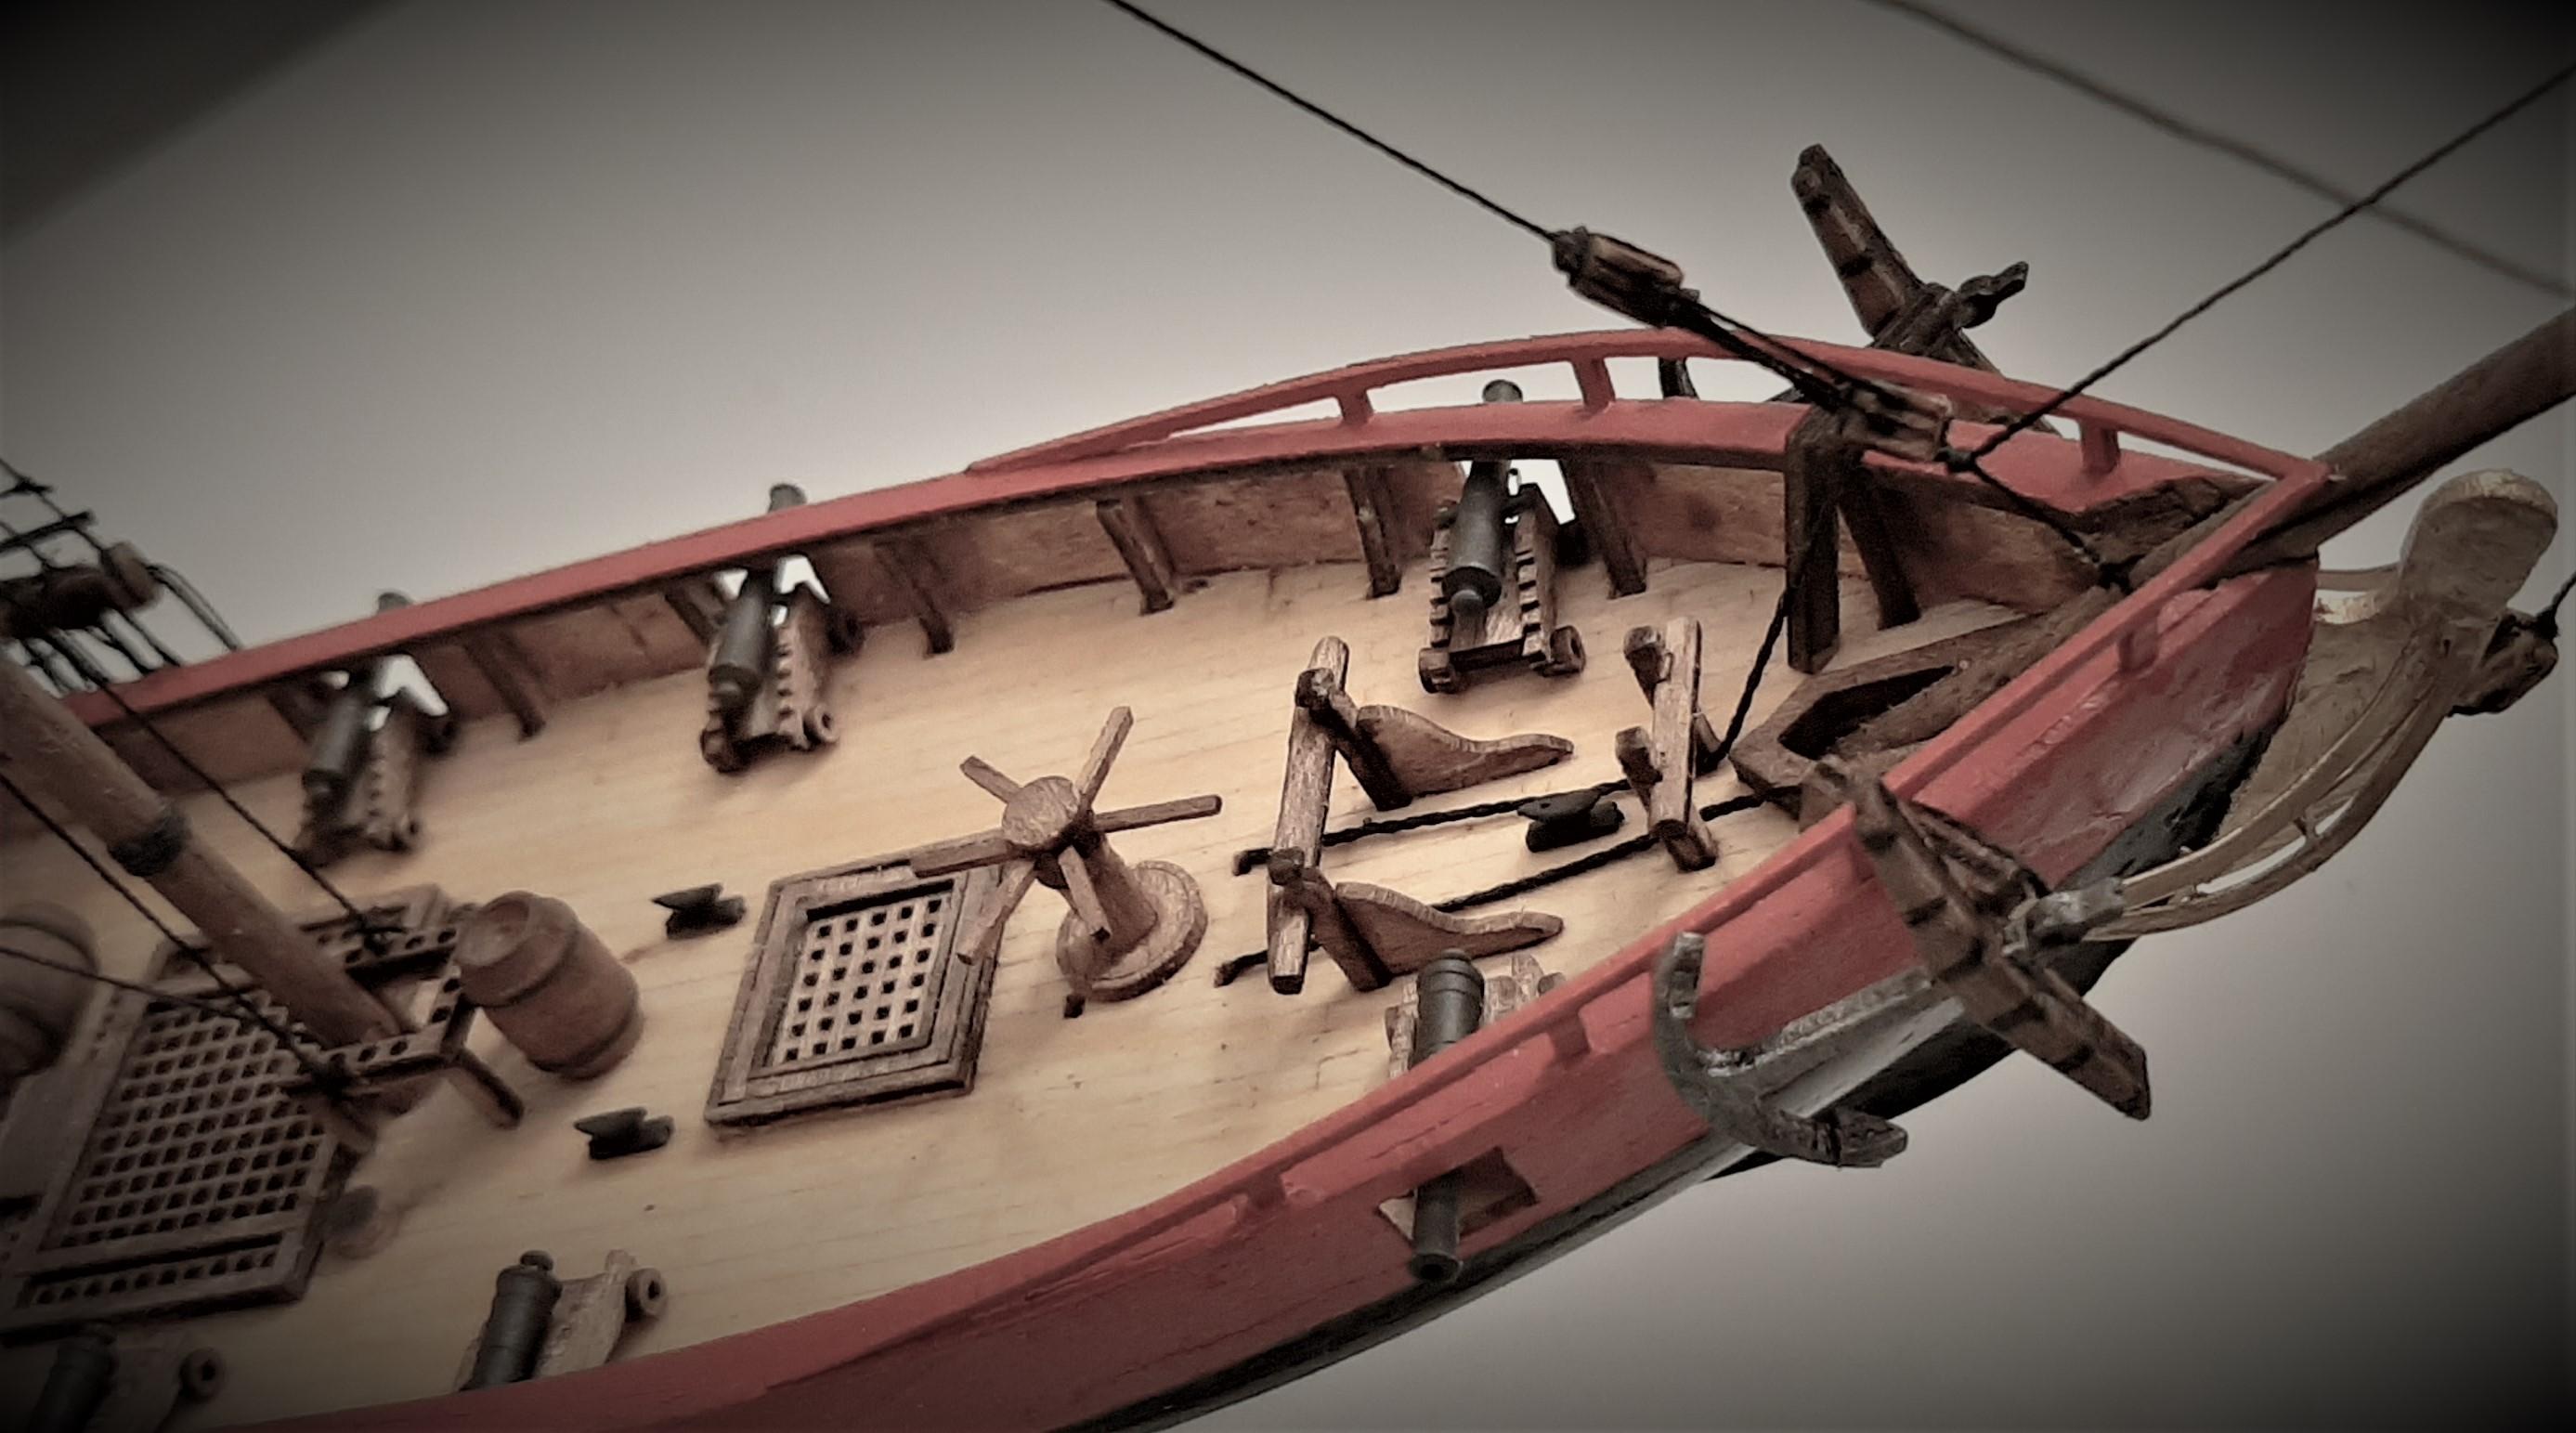 Galiote du pirate Rackham Le Rouge 1/100 (Tintin - le secret de la licorne) Mkny2SVTp5